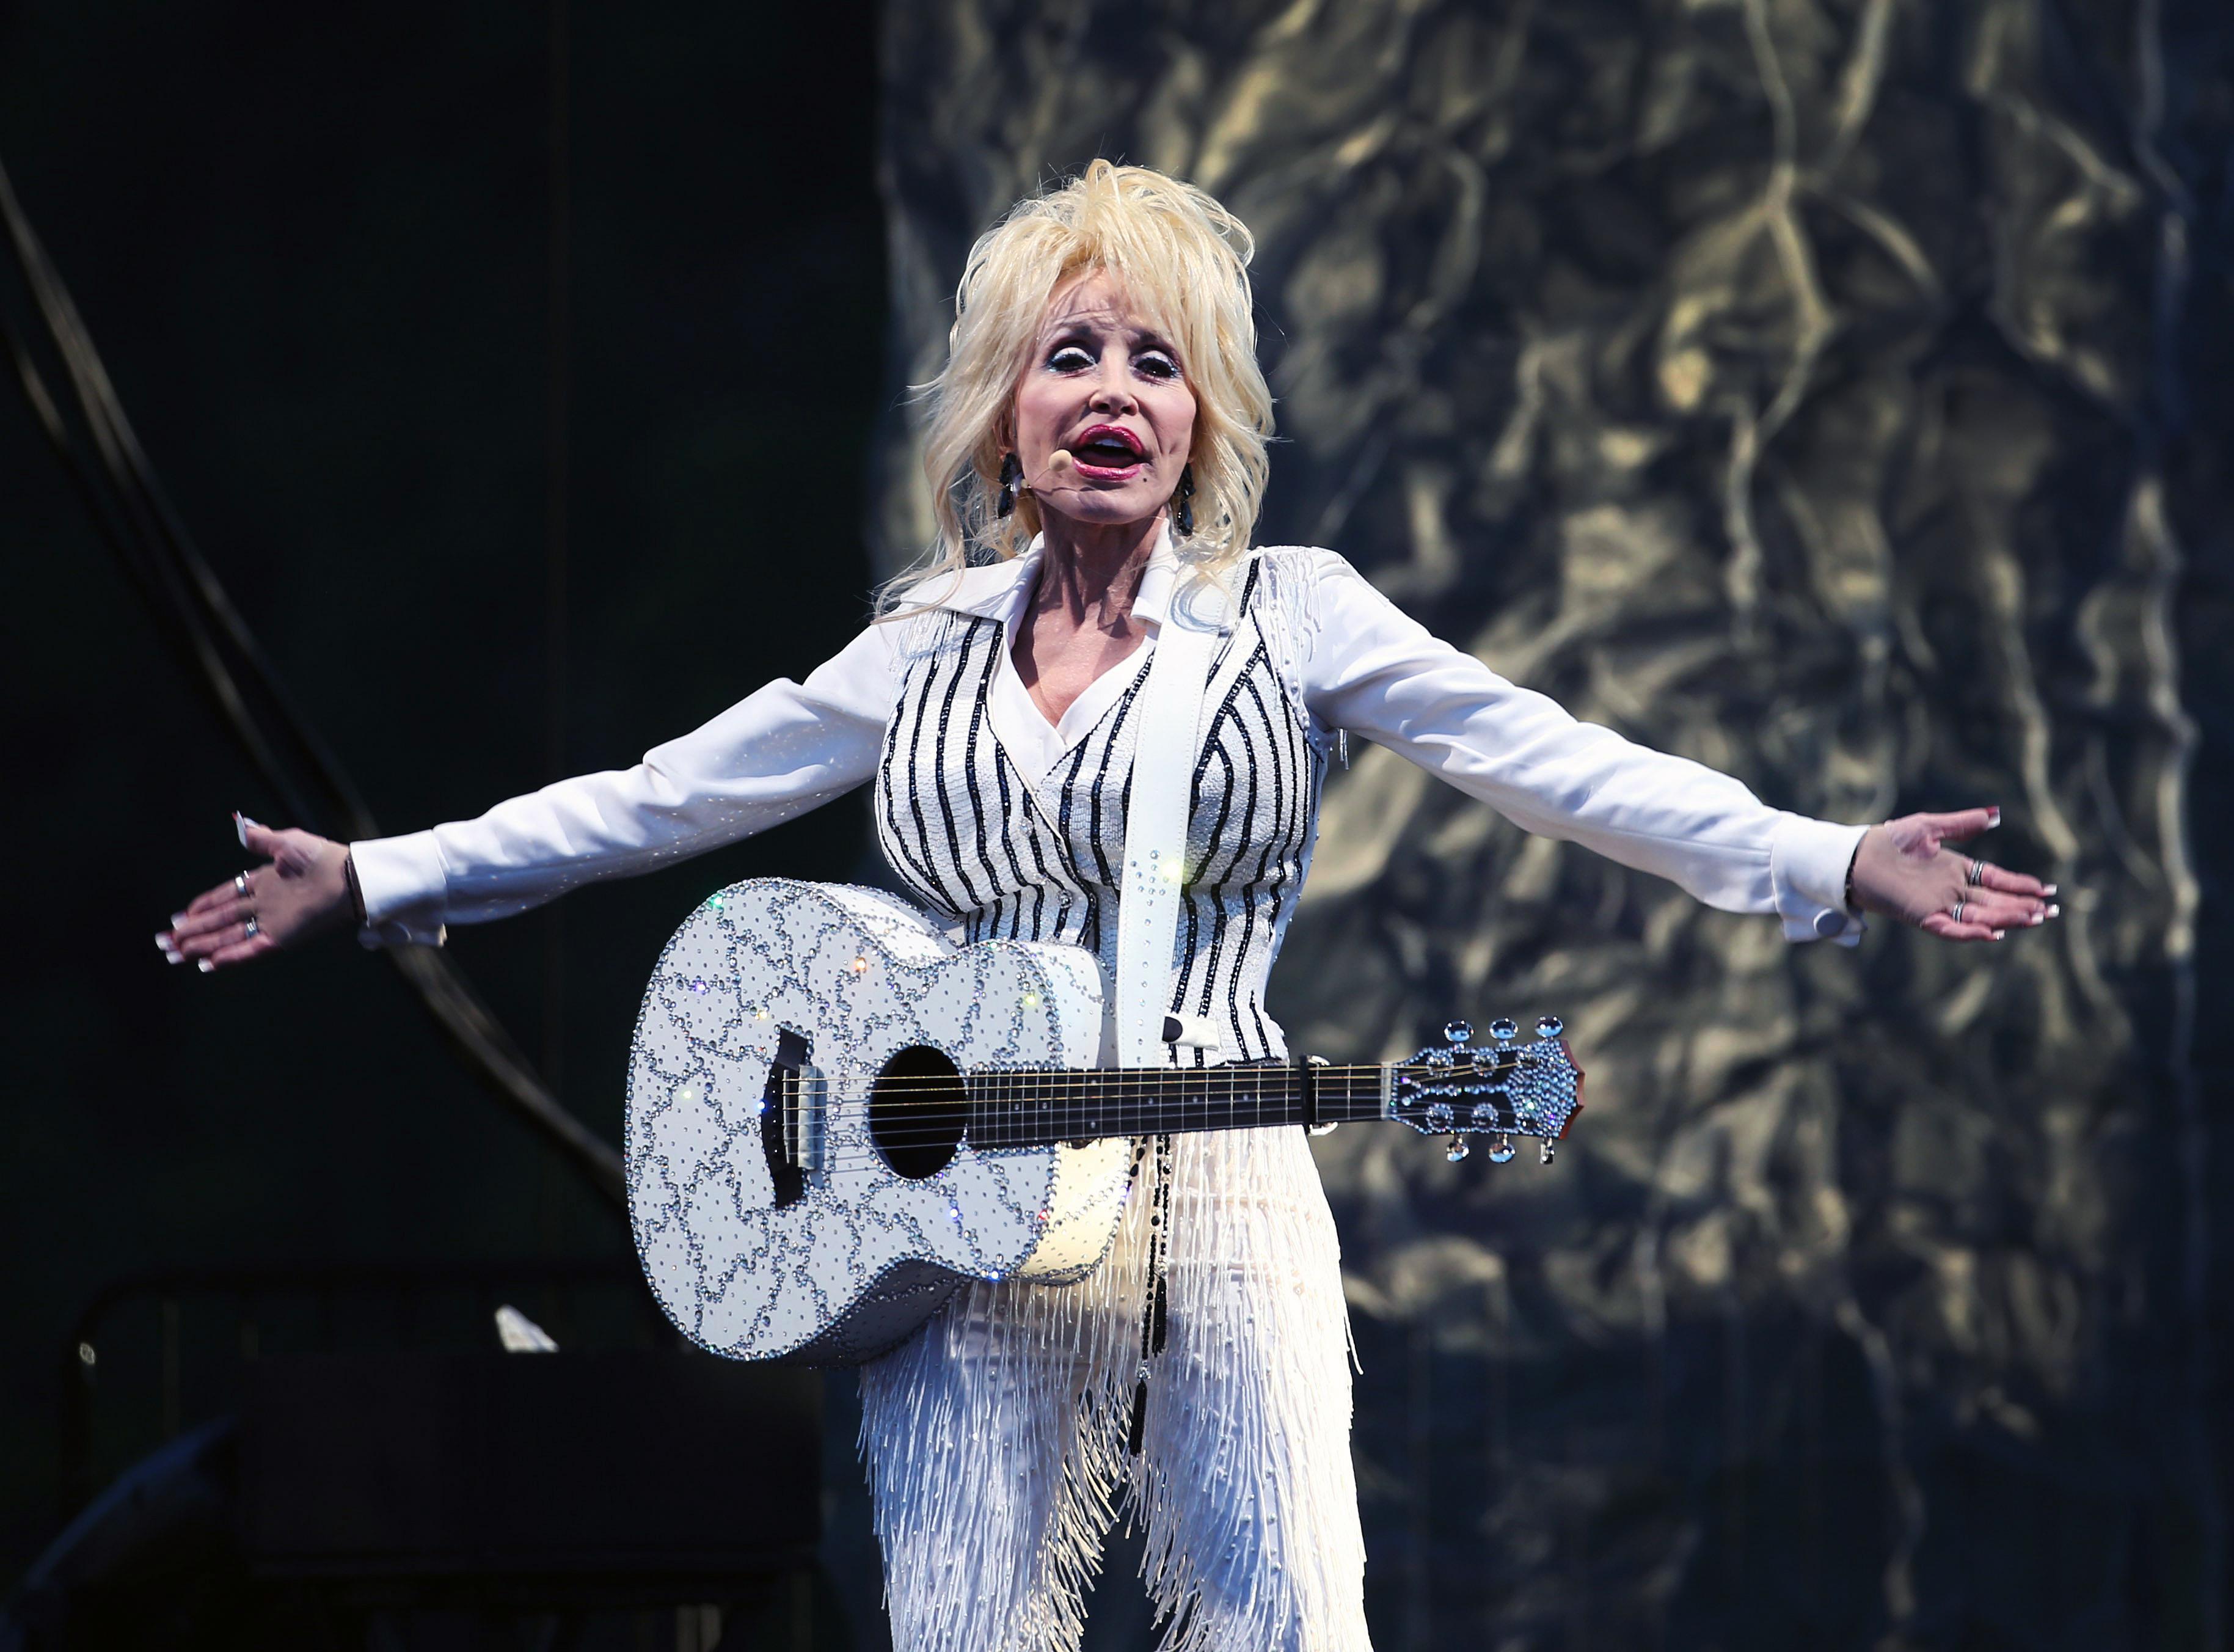 Dolly Parton performs at Artwork in Lewiston, Sunday. (Sharon Cantillon/Buffalo News)